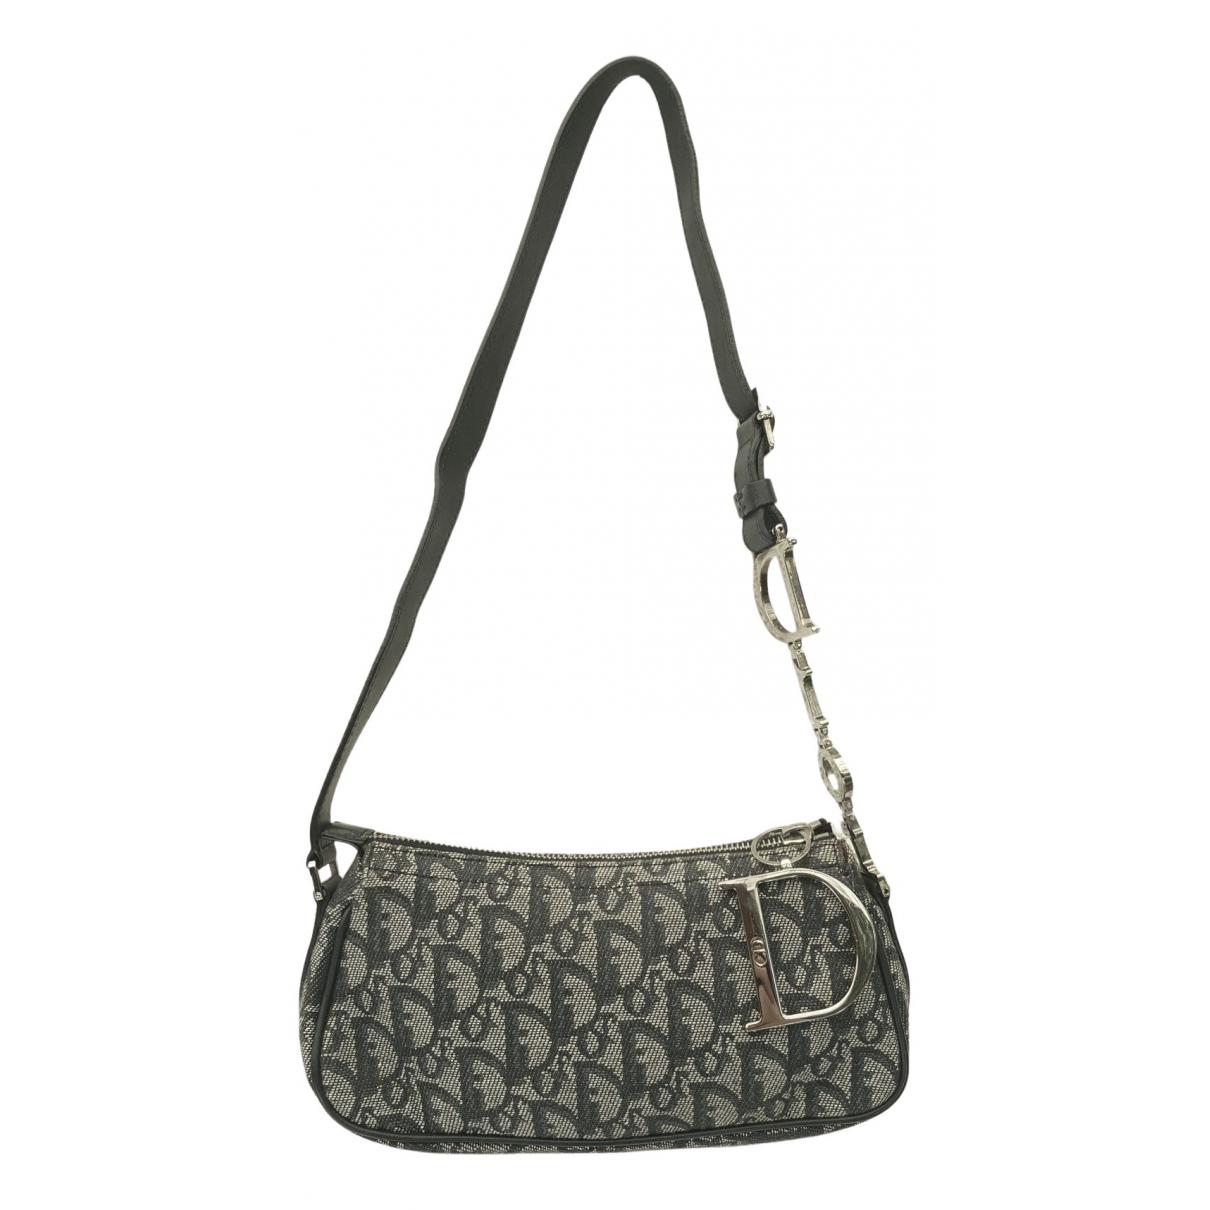 Dior N Blue Cloth handbag for Women N